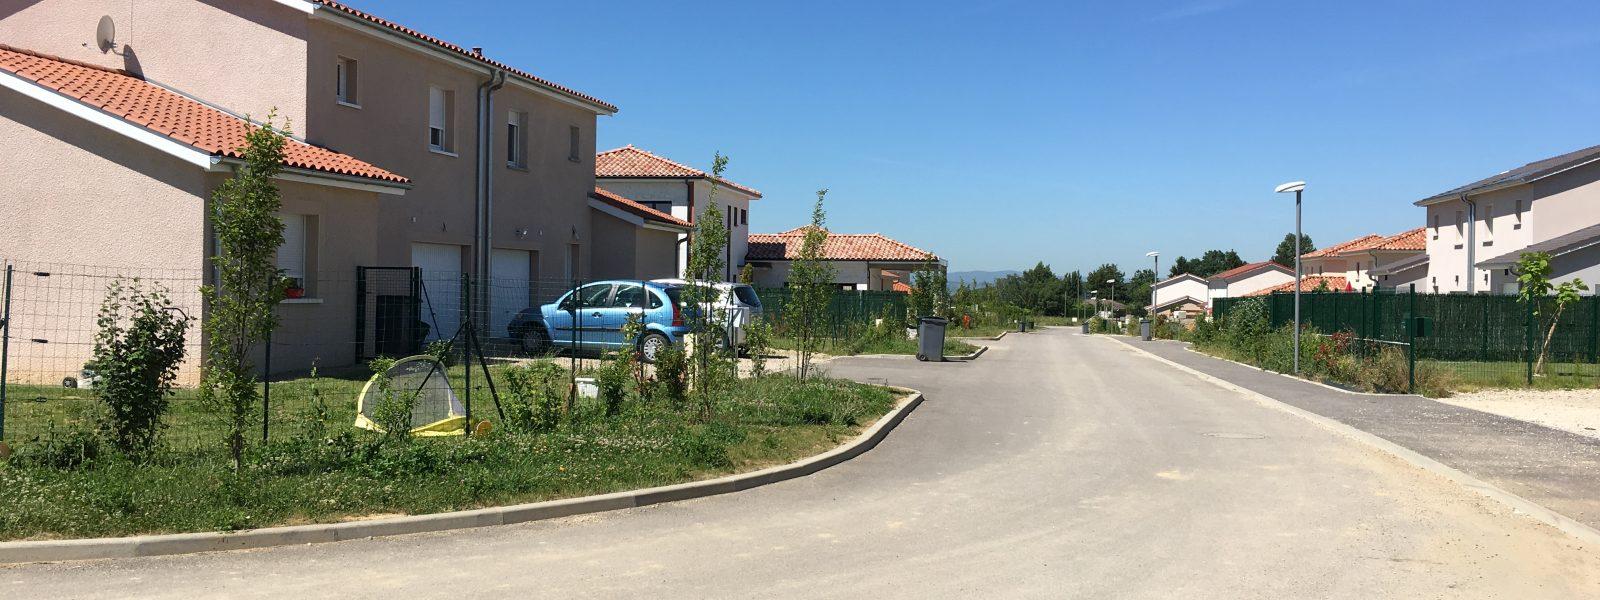 LE HAMEAU DE LA BERGERE - Visuel 3 - Impact immobilier 01